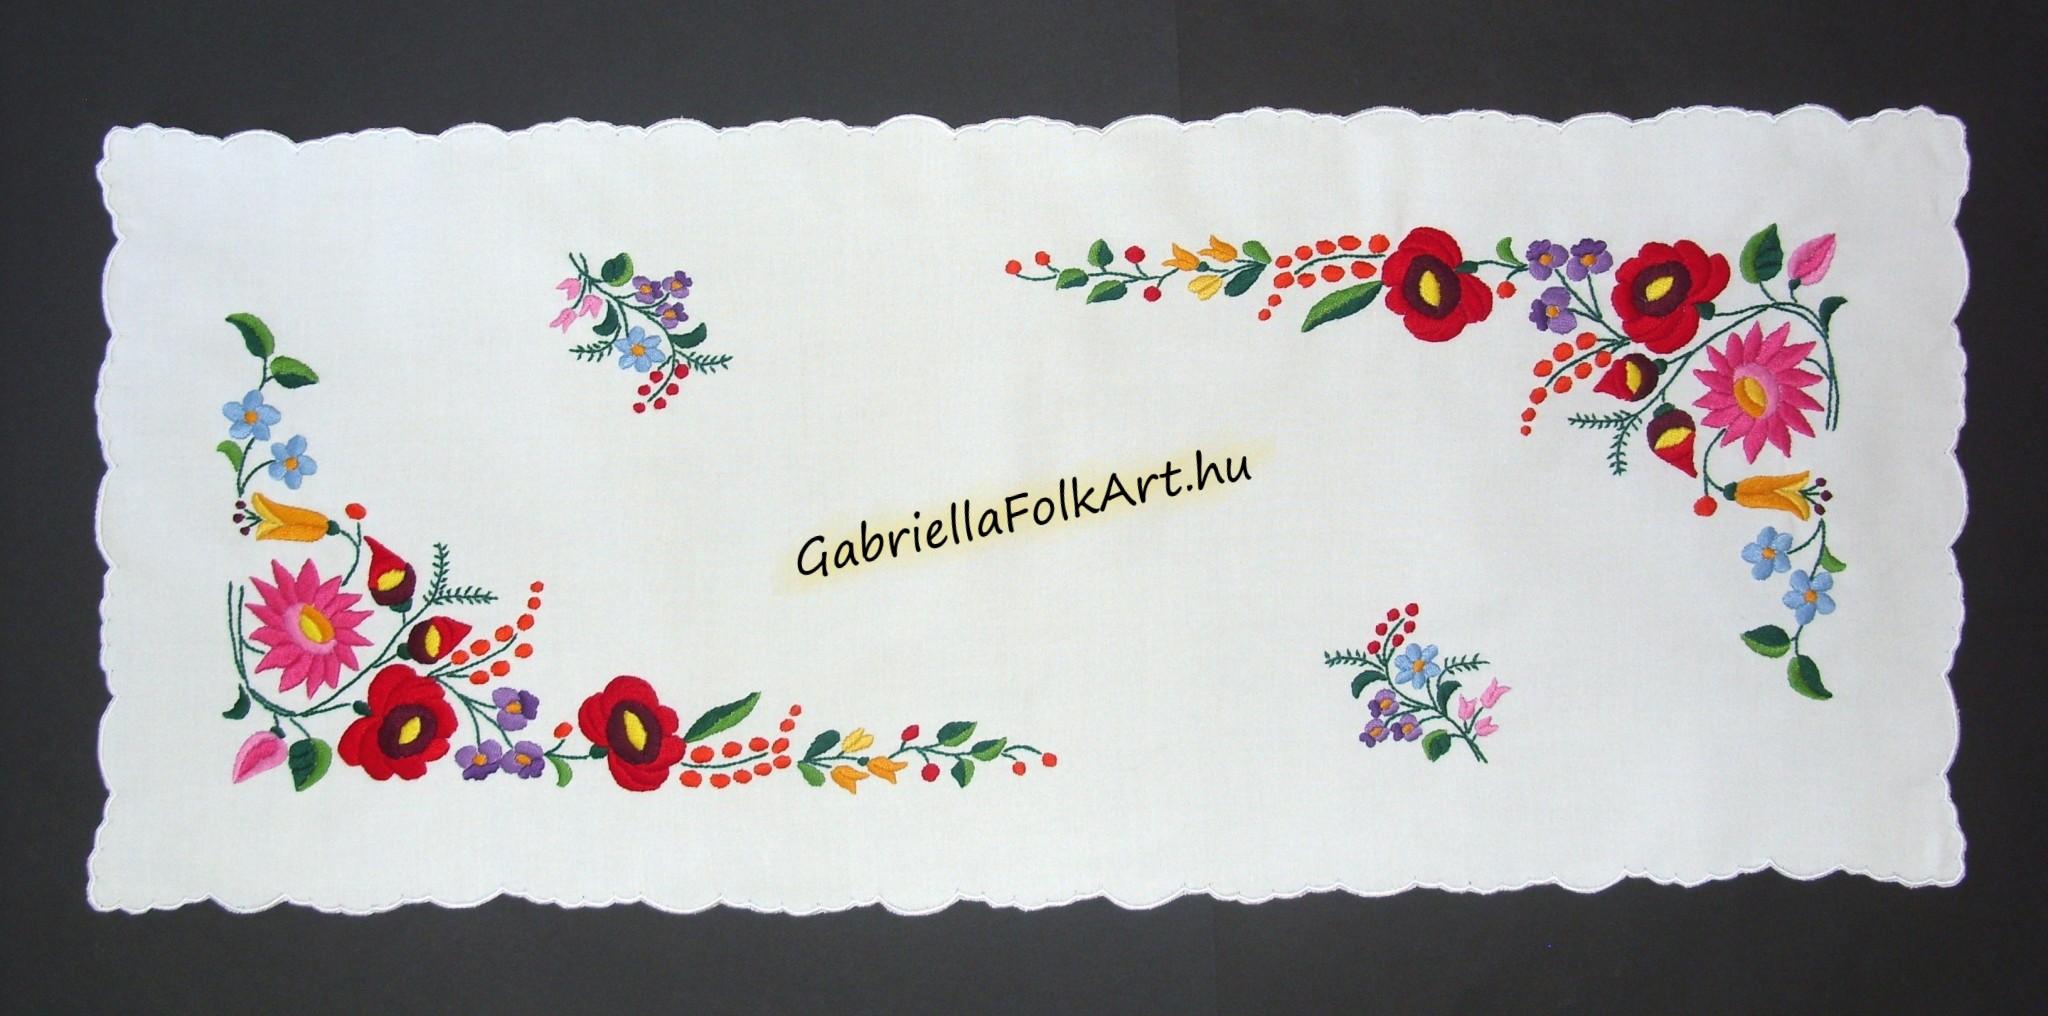 84609b5ec0 Kalocsai terítők   GabriellaFolkArt